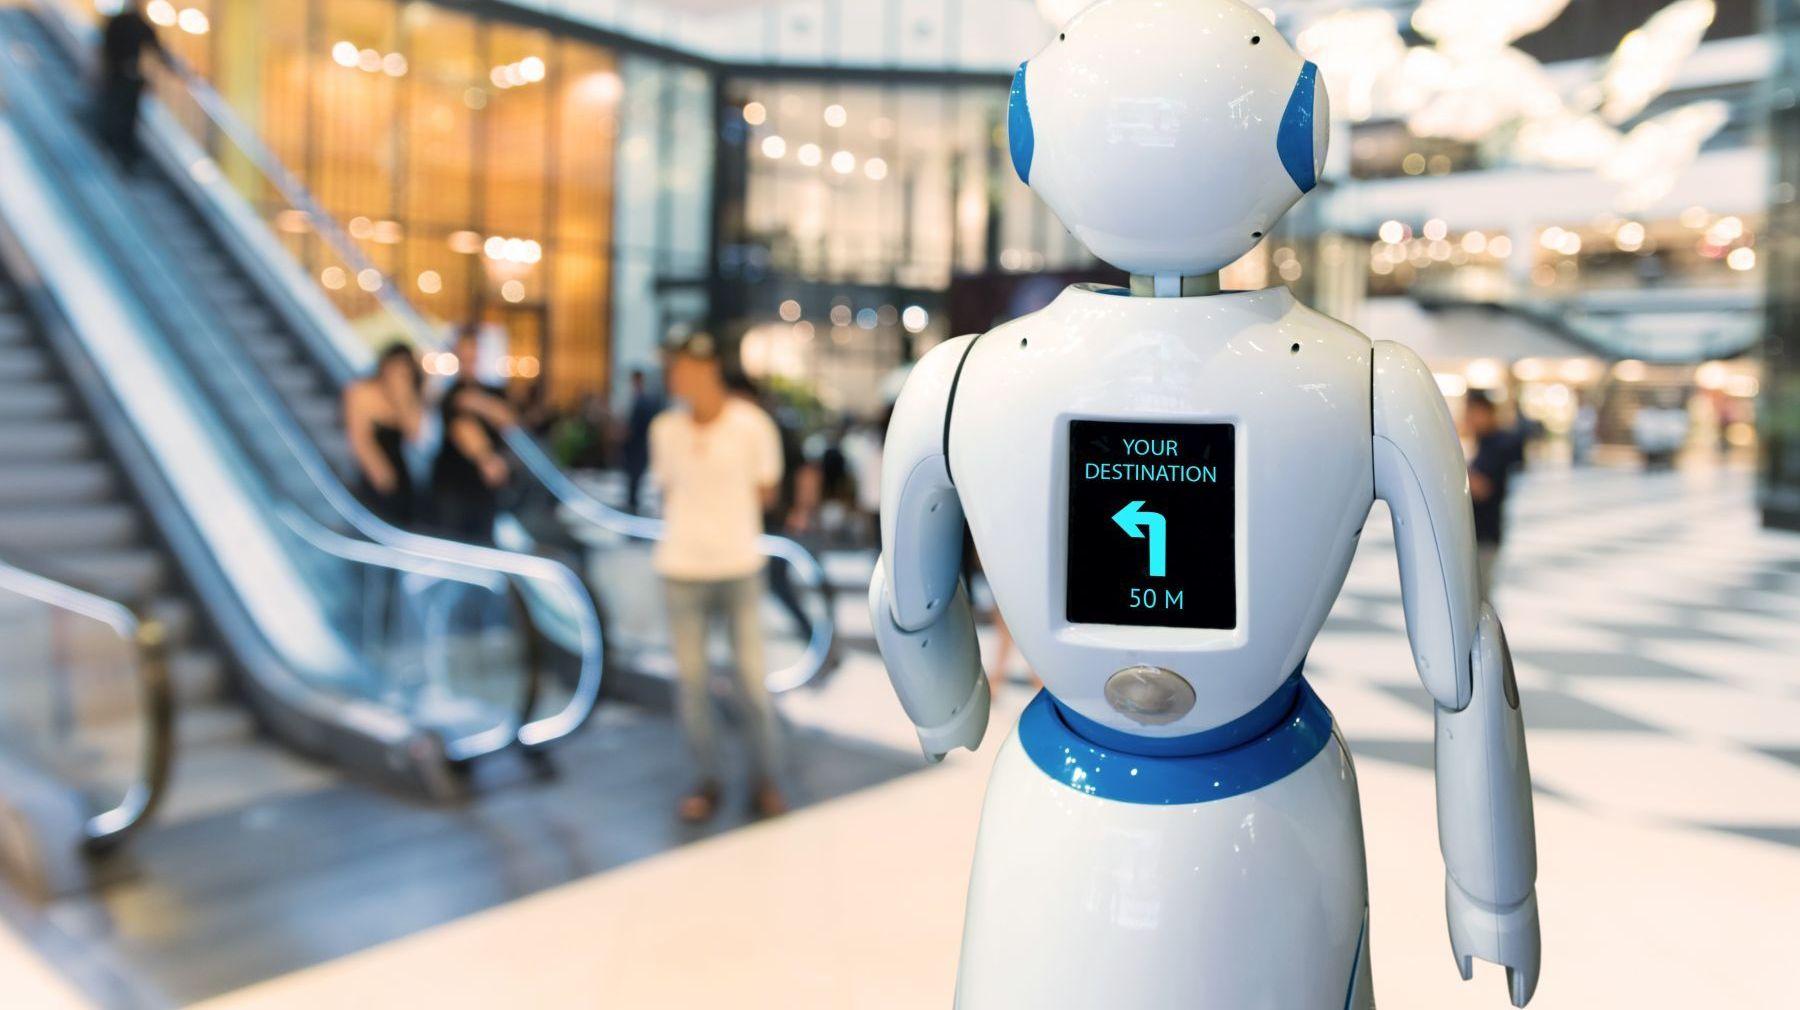 未來世界戰略與國防的主要競爭點:人工智能